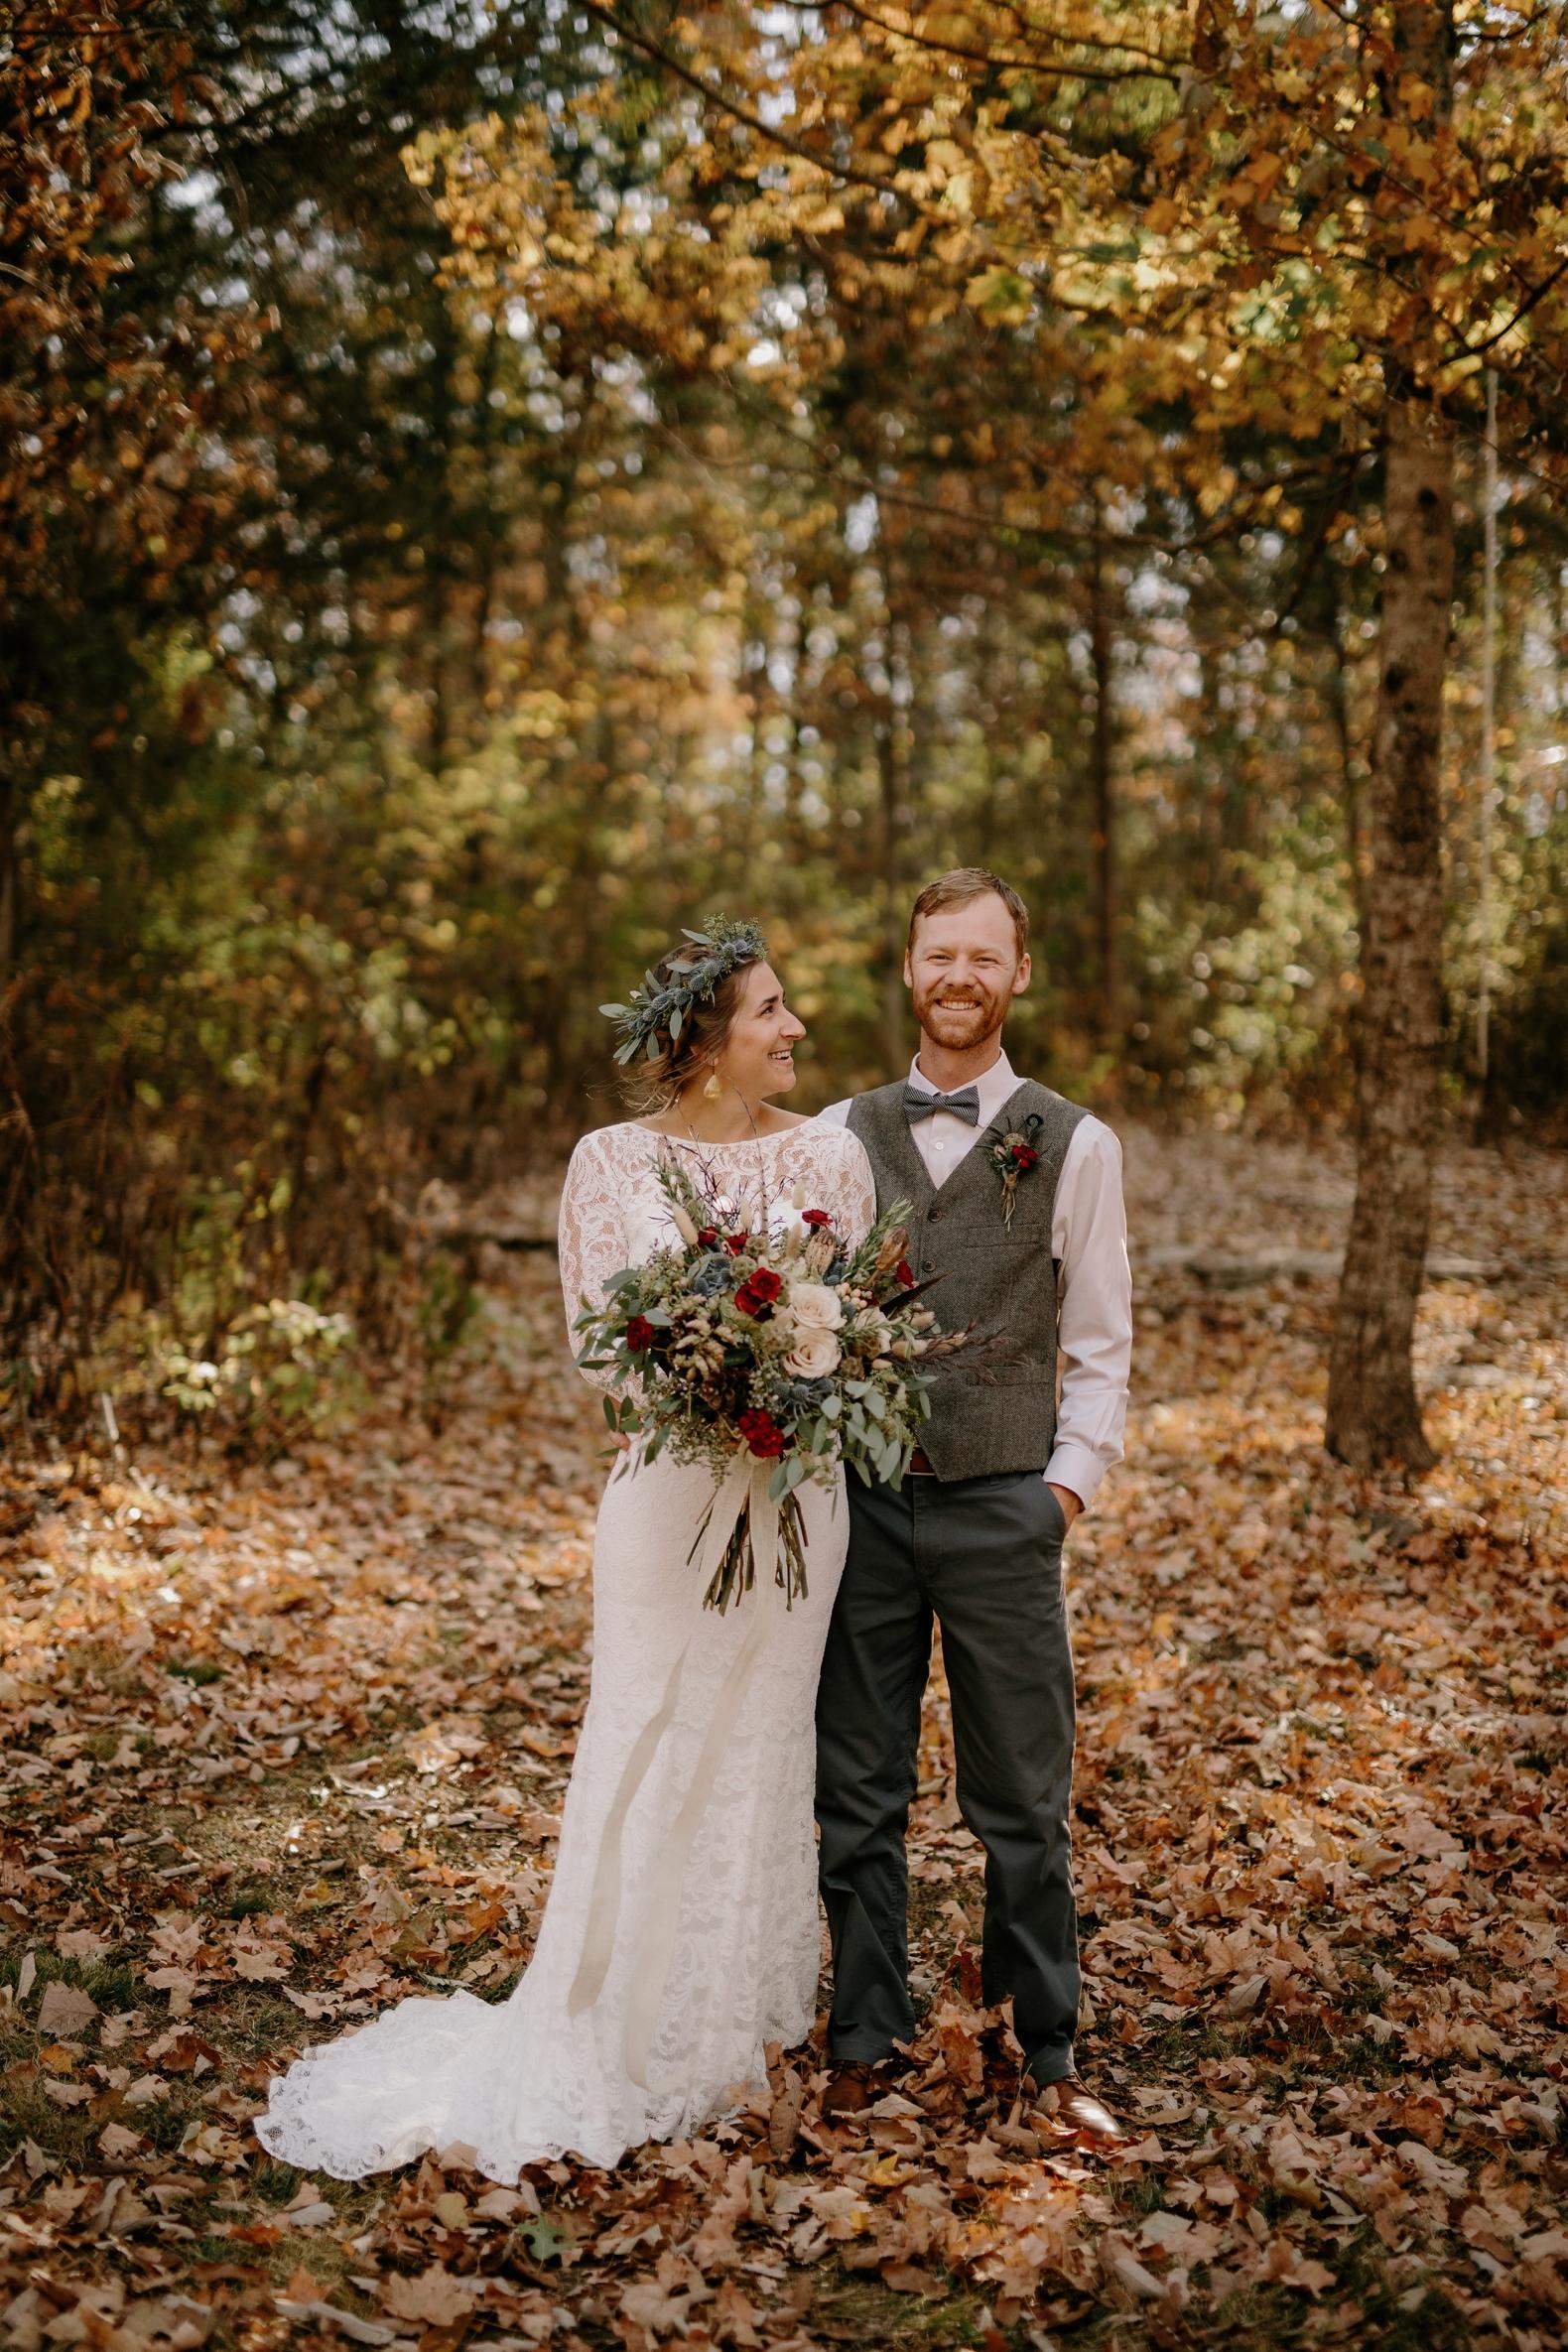 nashville-outdoor-wedding-0027